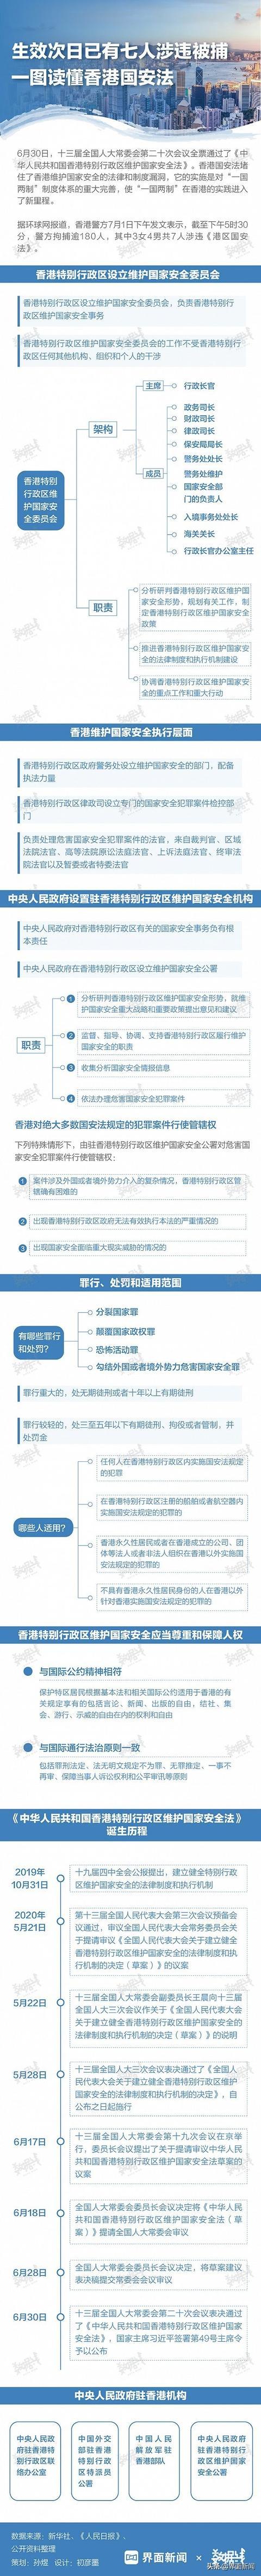 一图读懂香港国安法:中央驻港机构共有哪些?香港国安组织如何架构?